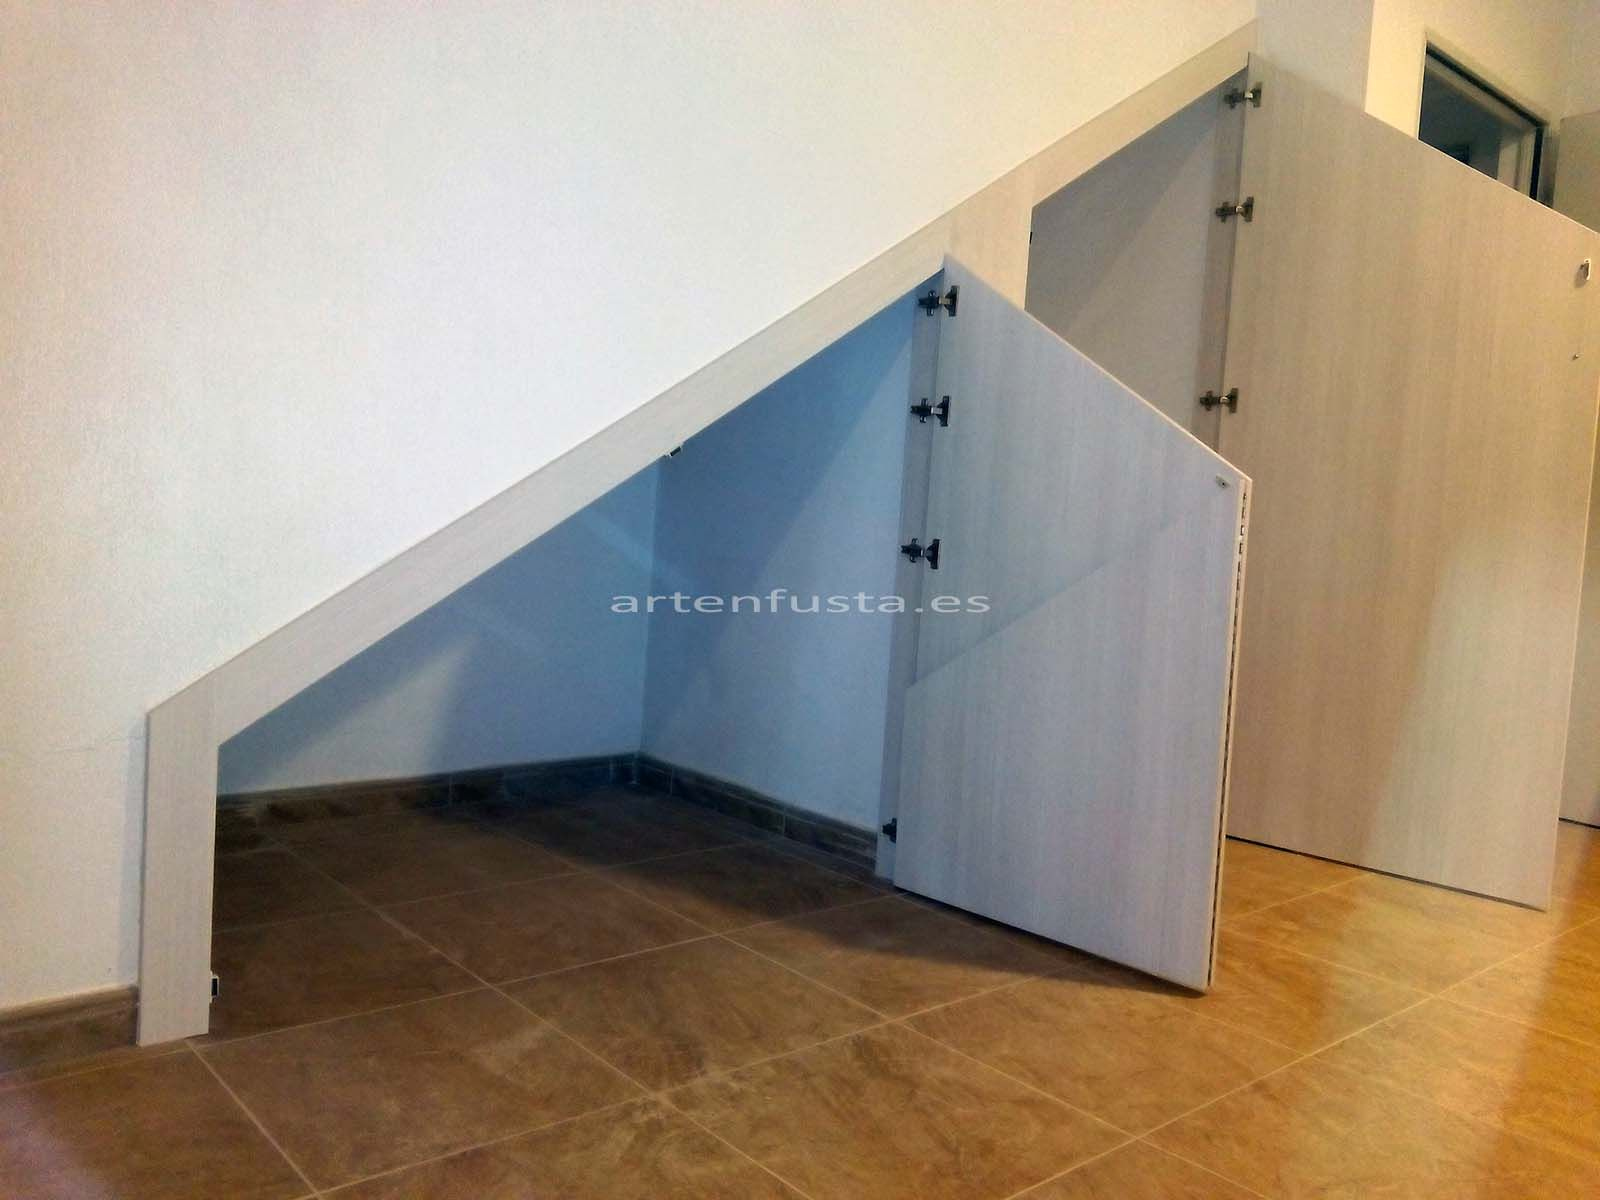 Puertas a medida de bajo de escalera elche alicante - Hacer un mueble a medida ...